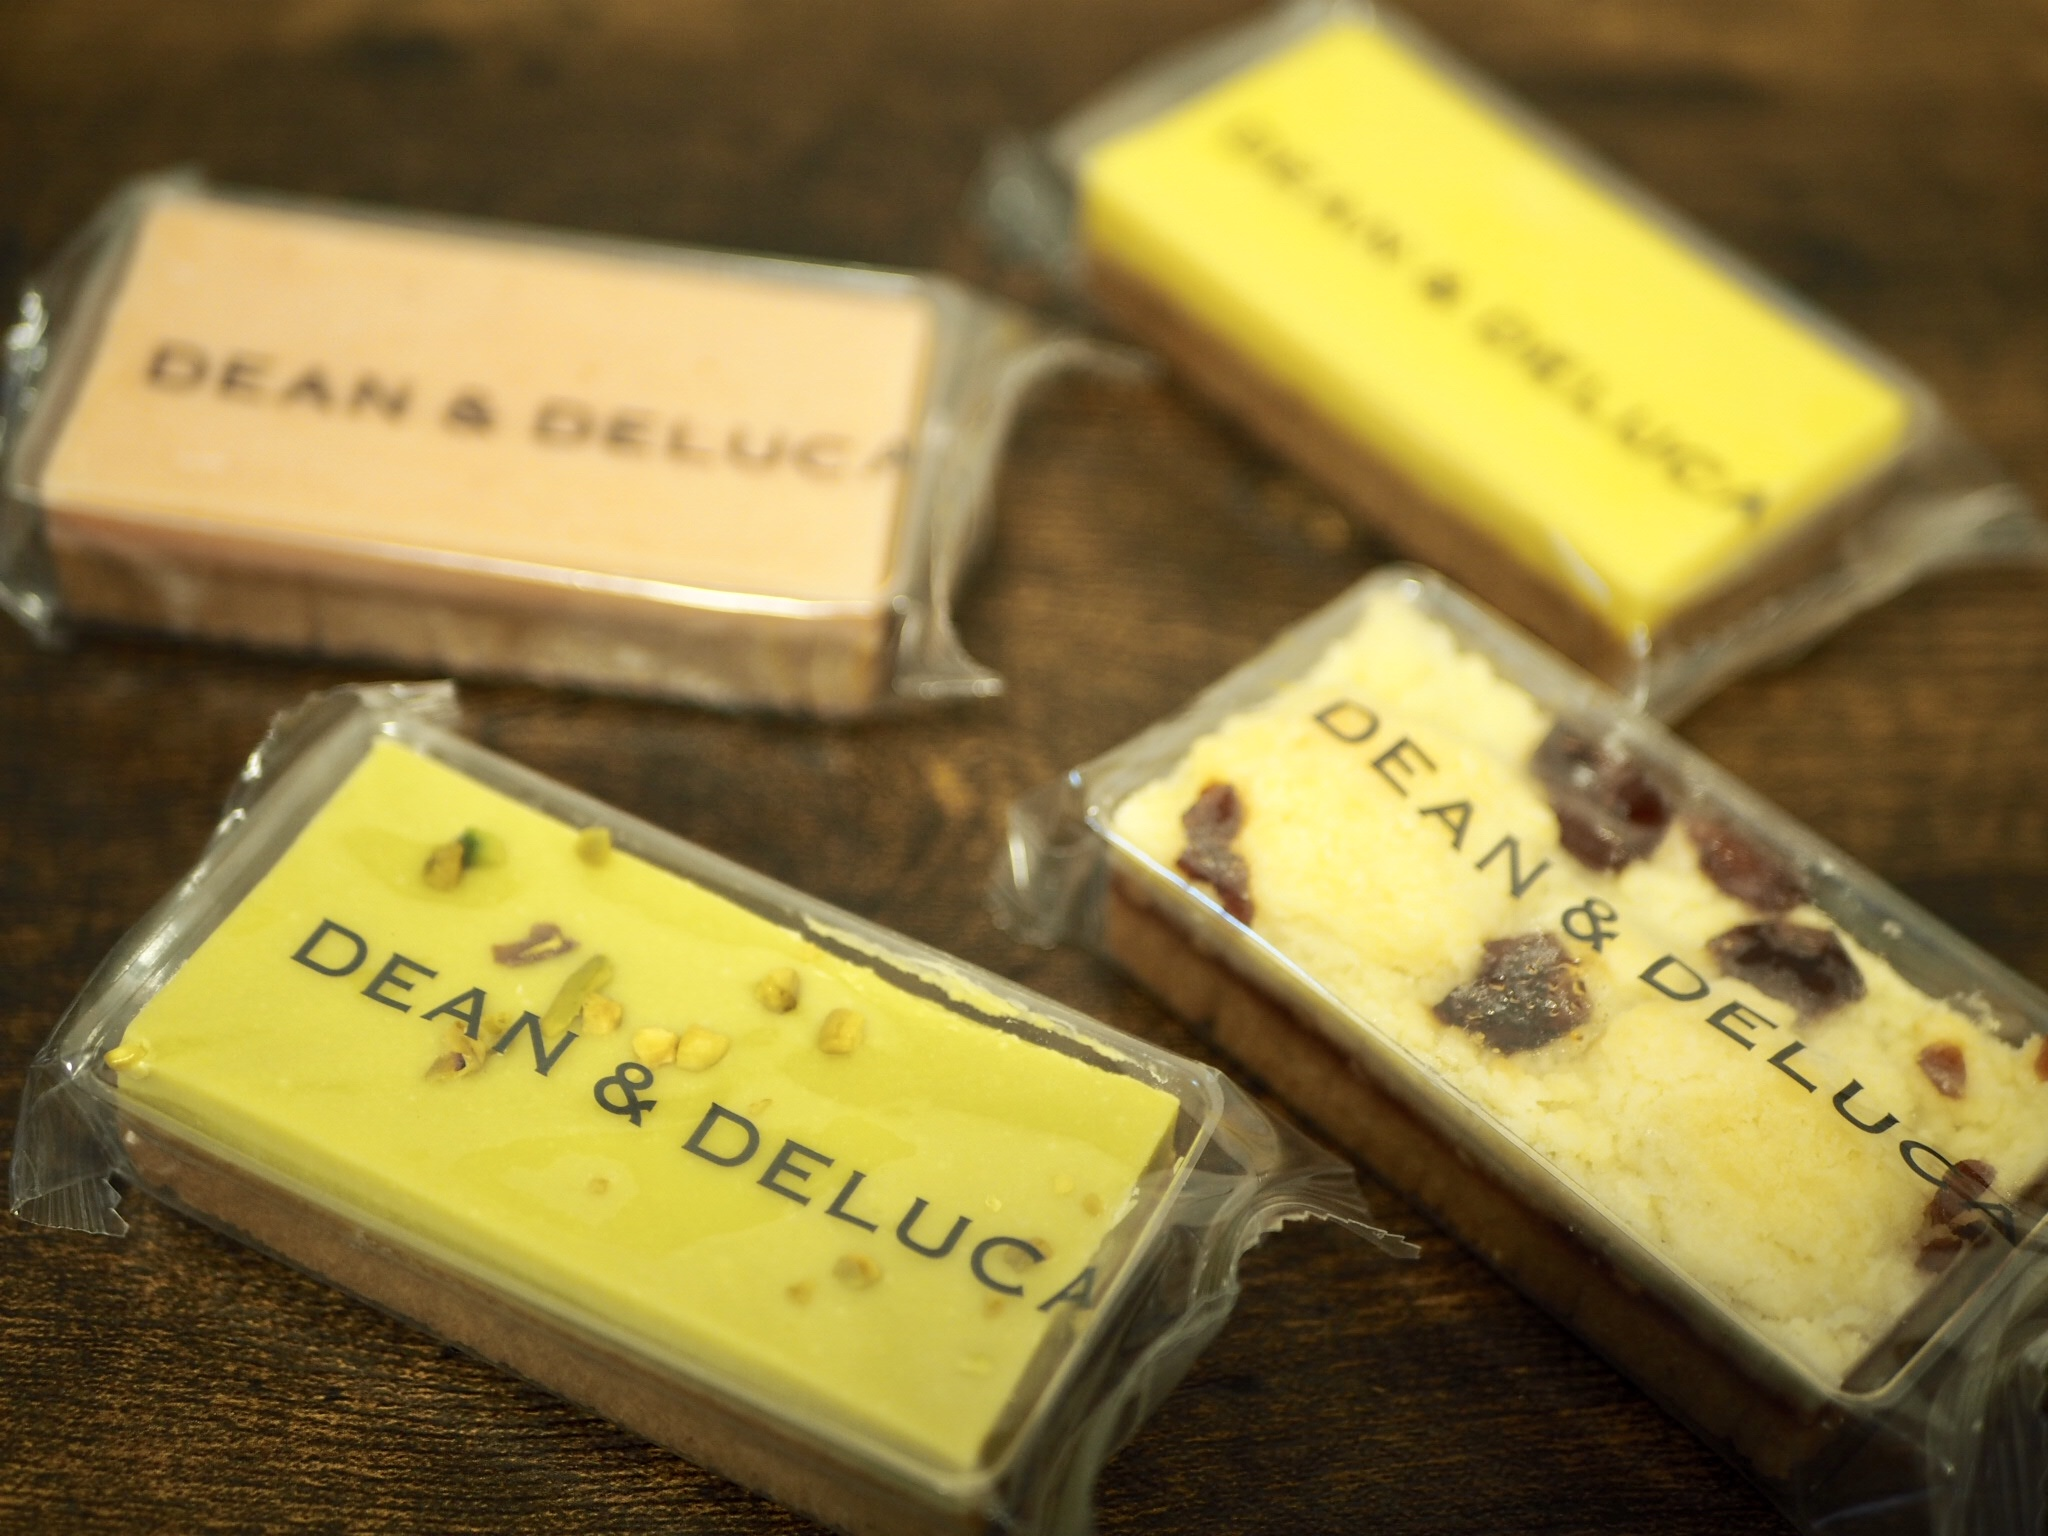 【DEAN & DELUCA】のお洒落で可愛いプチお菓子ギフト♡_2